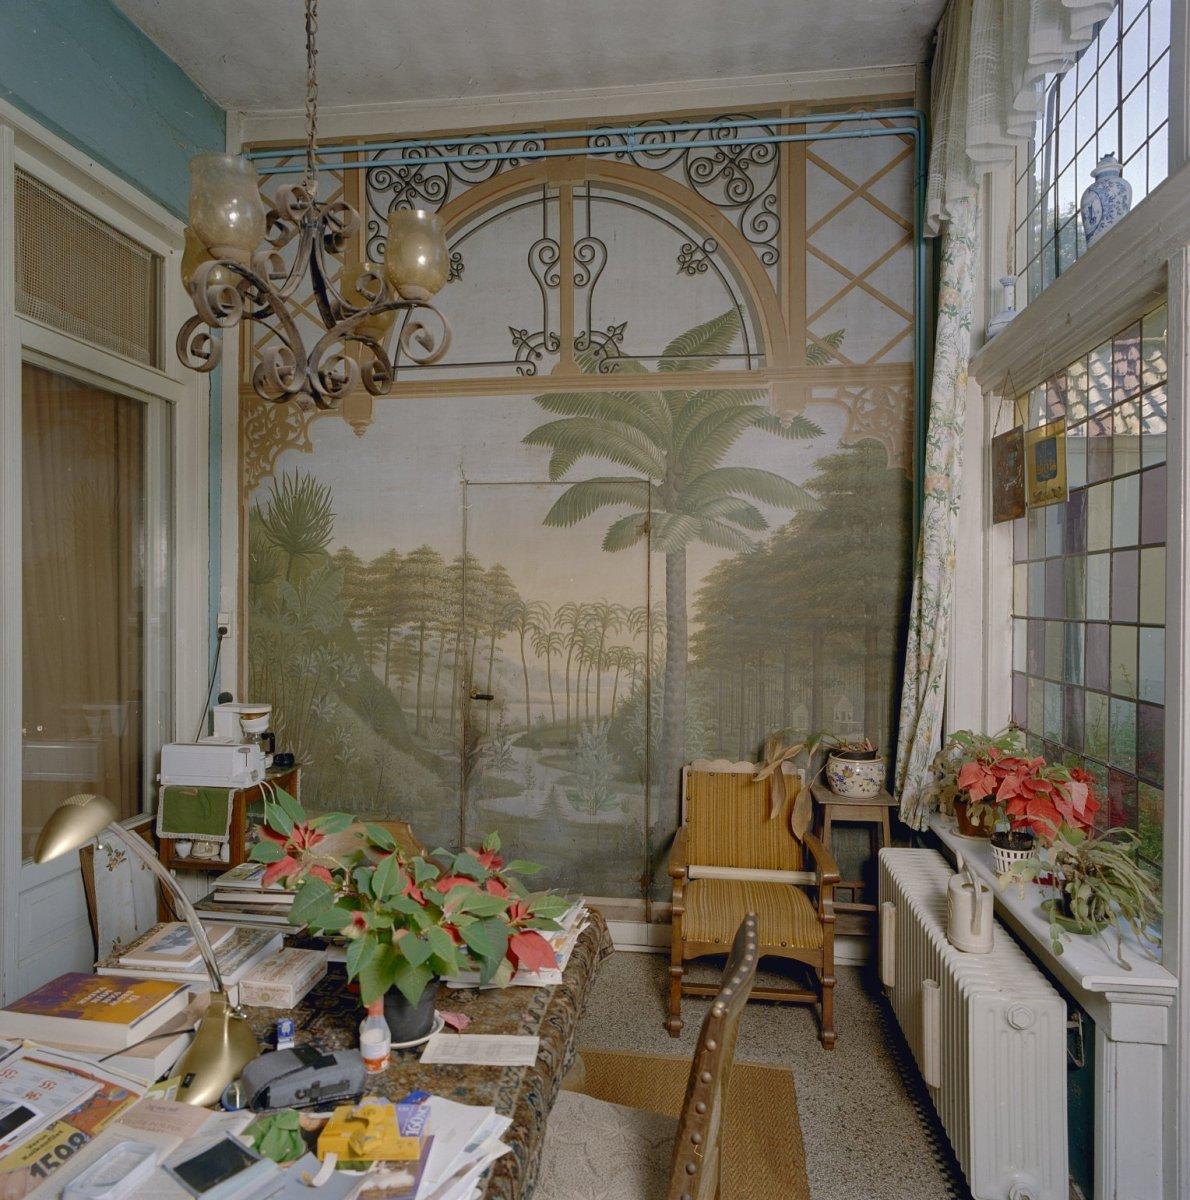 File:Interieur, serre met beschilderde wandbespanning - Vught ...